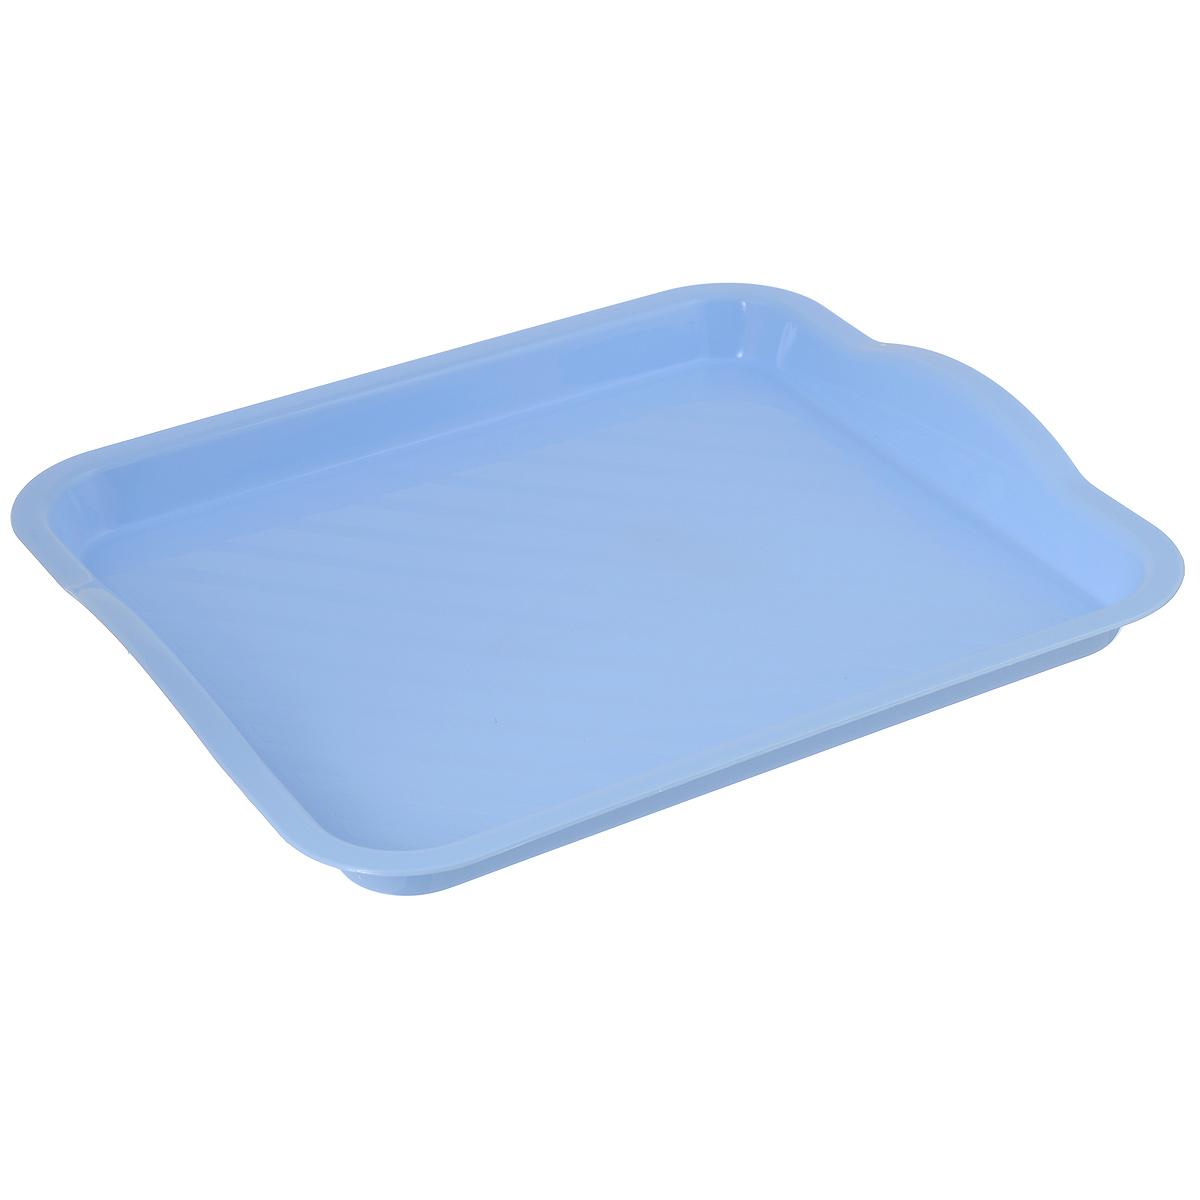 Поднос Idea, цвет: голубой, 29 см х 25 см115510Поднос Idea изготовлен из высококачественного полипропилена. Он станет незаменимым предметом для сервировки стола. Поднос не только дополнит интерьер вашей кухни, но и защитит поверхность стола от грязи и перегрева. Классический поднос Idea придется по вкусу и ценителям классики, и тем, кто предпочитает современный стиль.